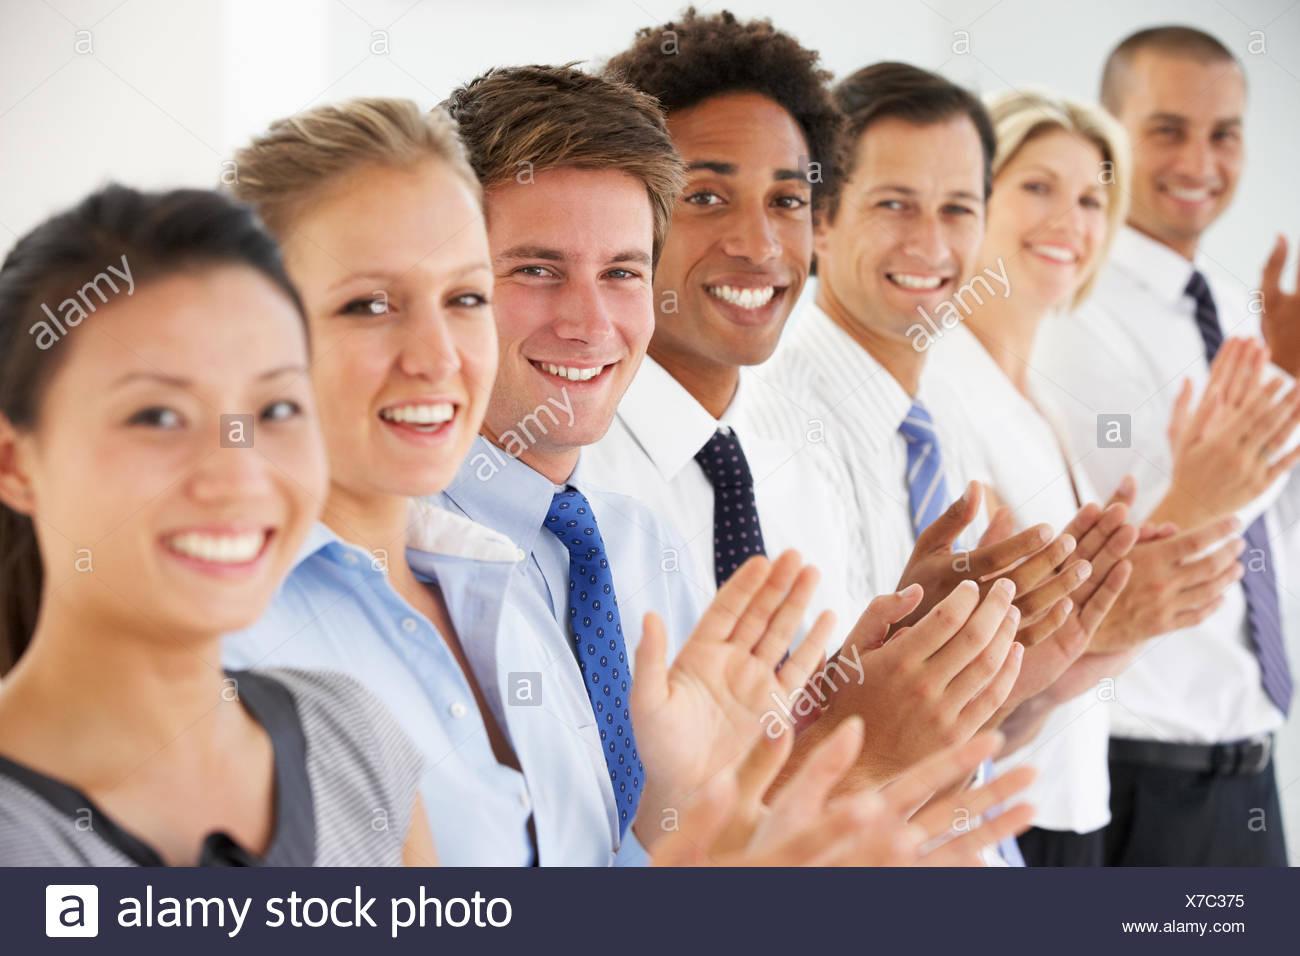 Ligne de professionnels et gens d'affaires positif applaudir Photo Stock